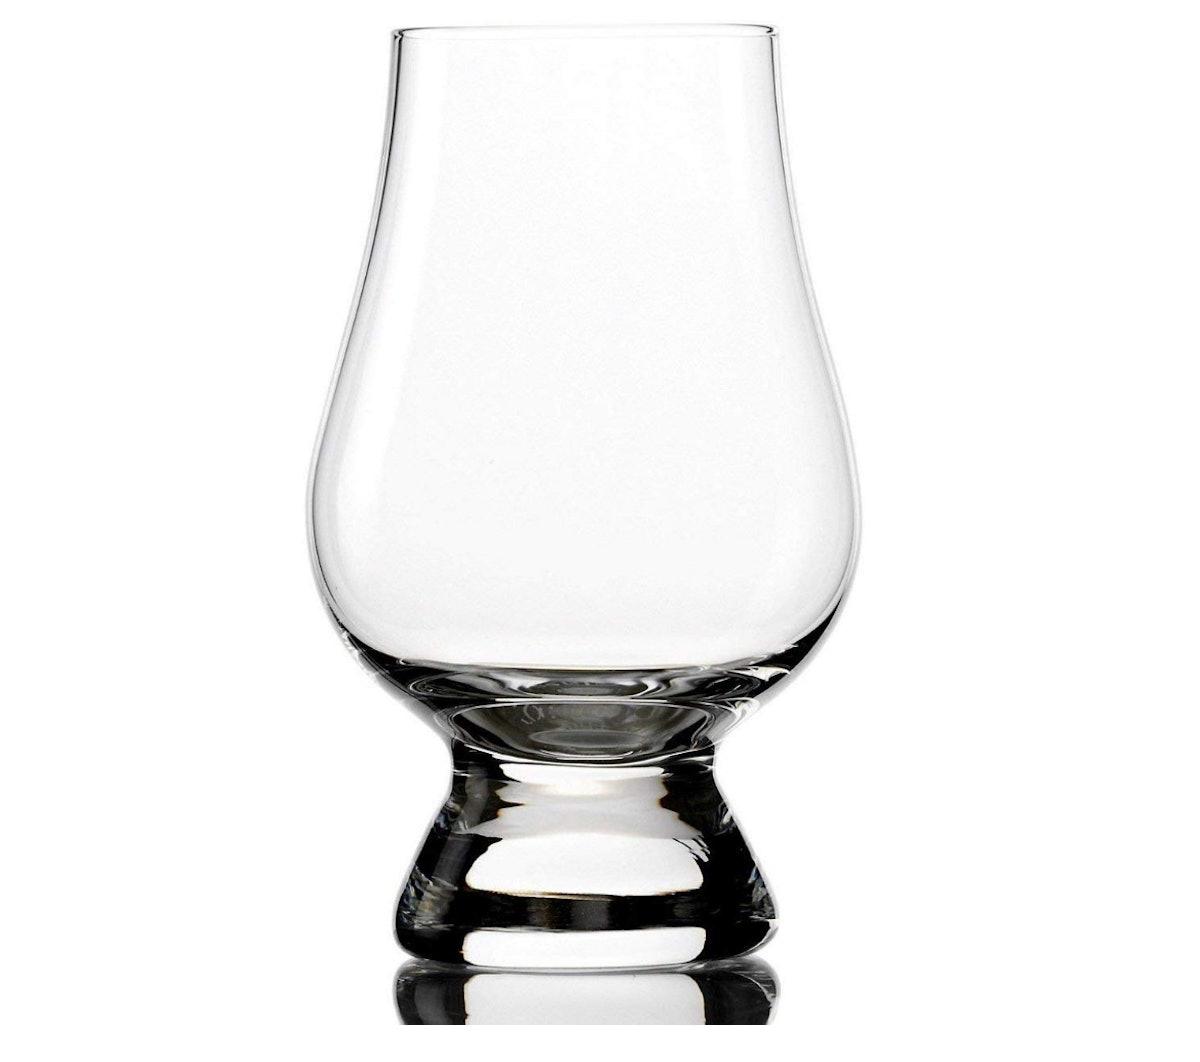 GLENCAIRN Whiskey Glasses (4-Pack)